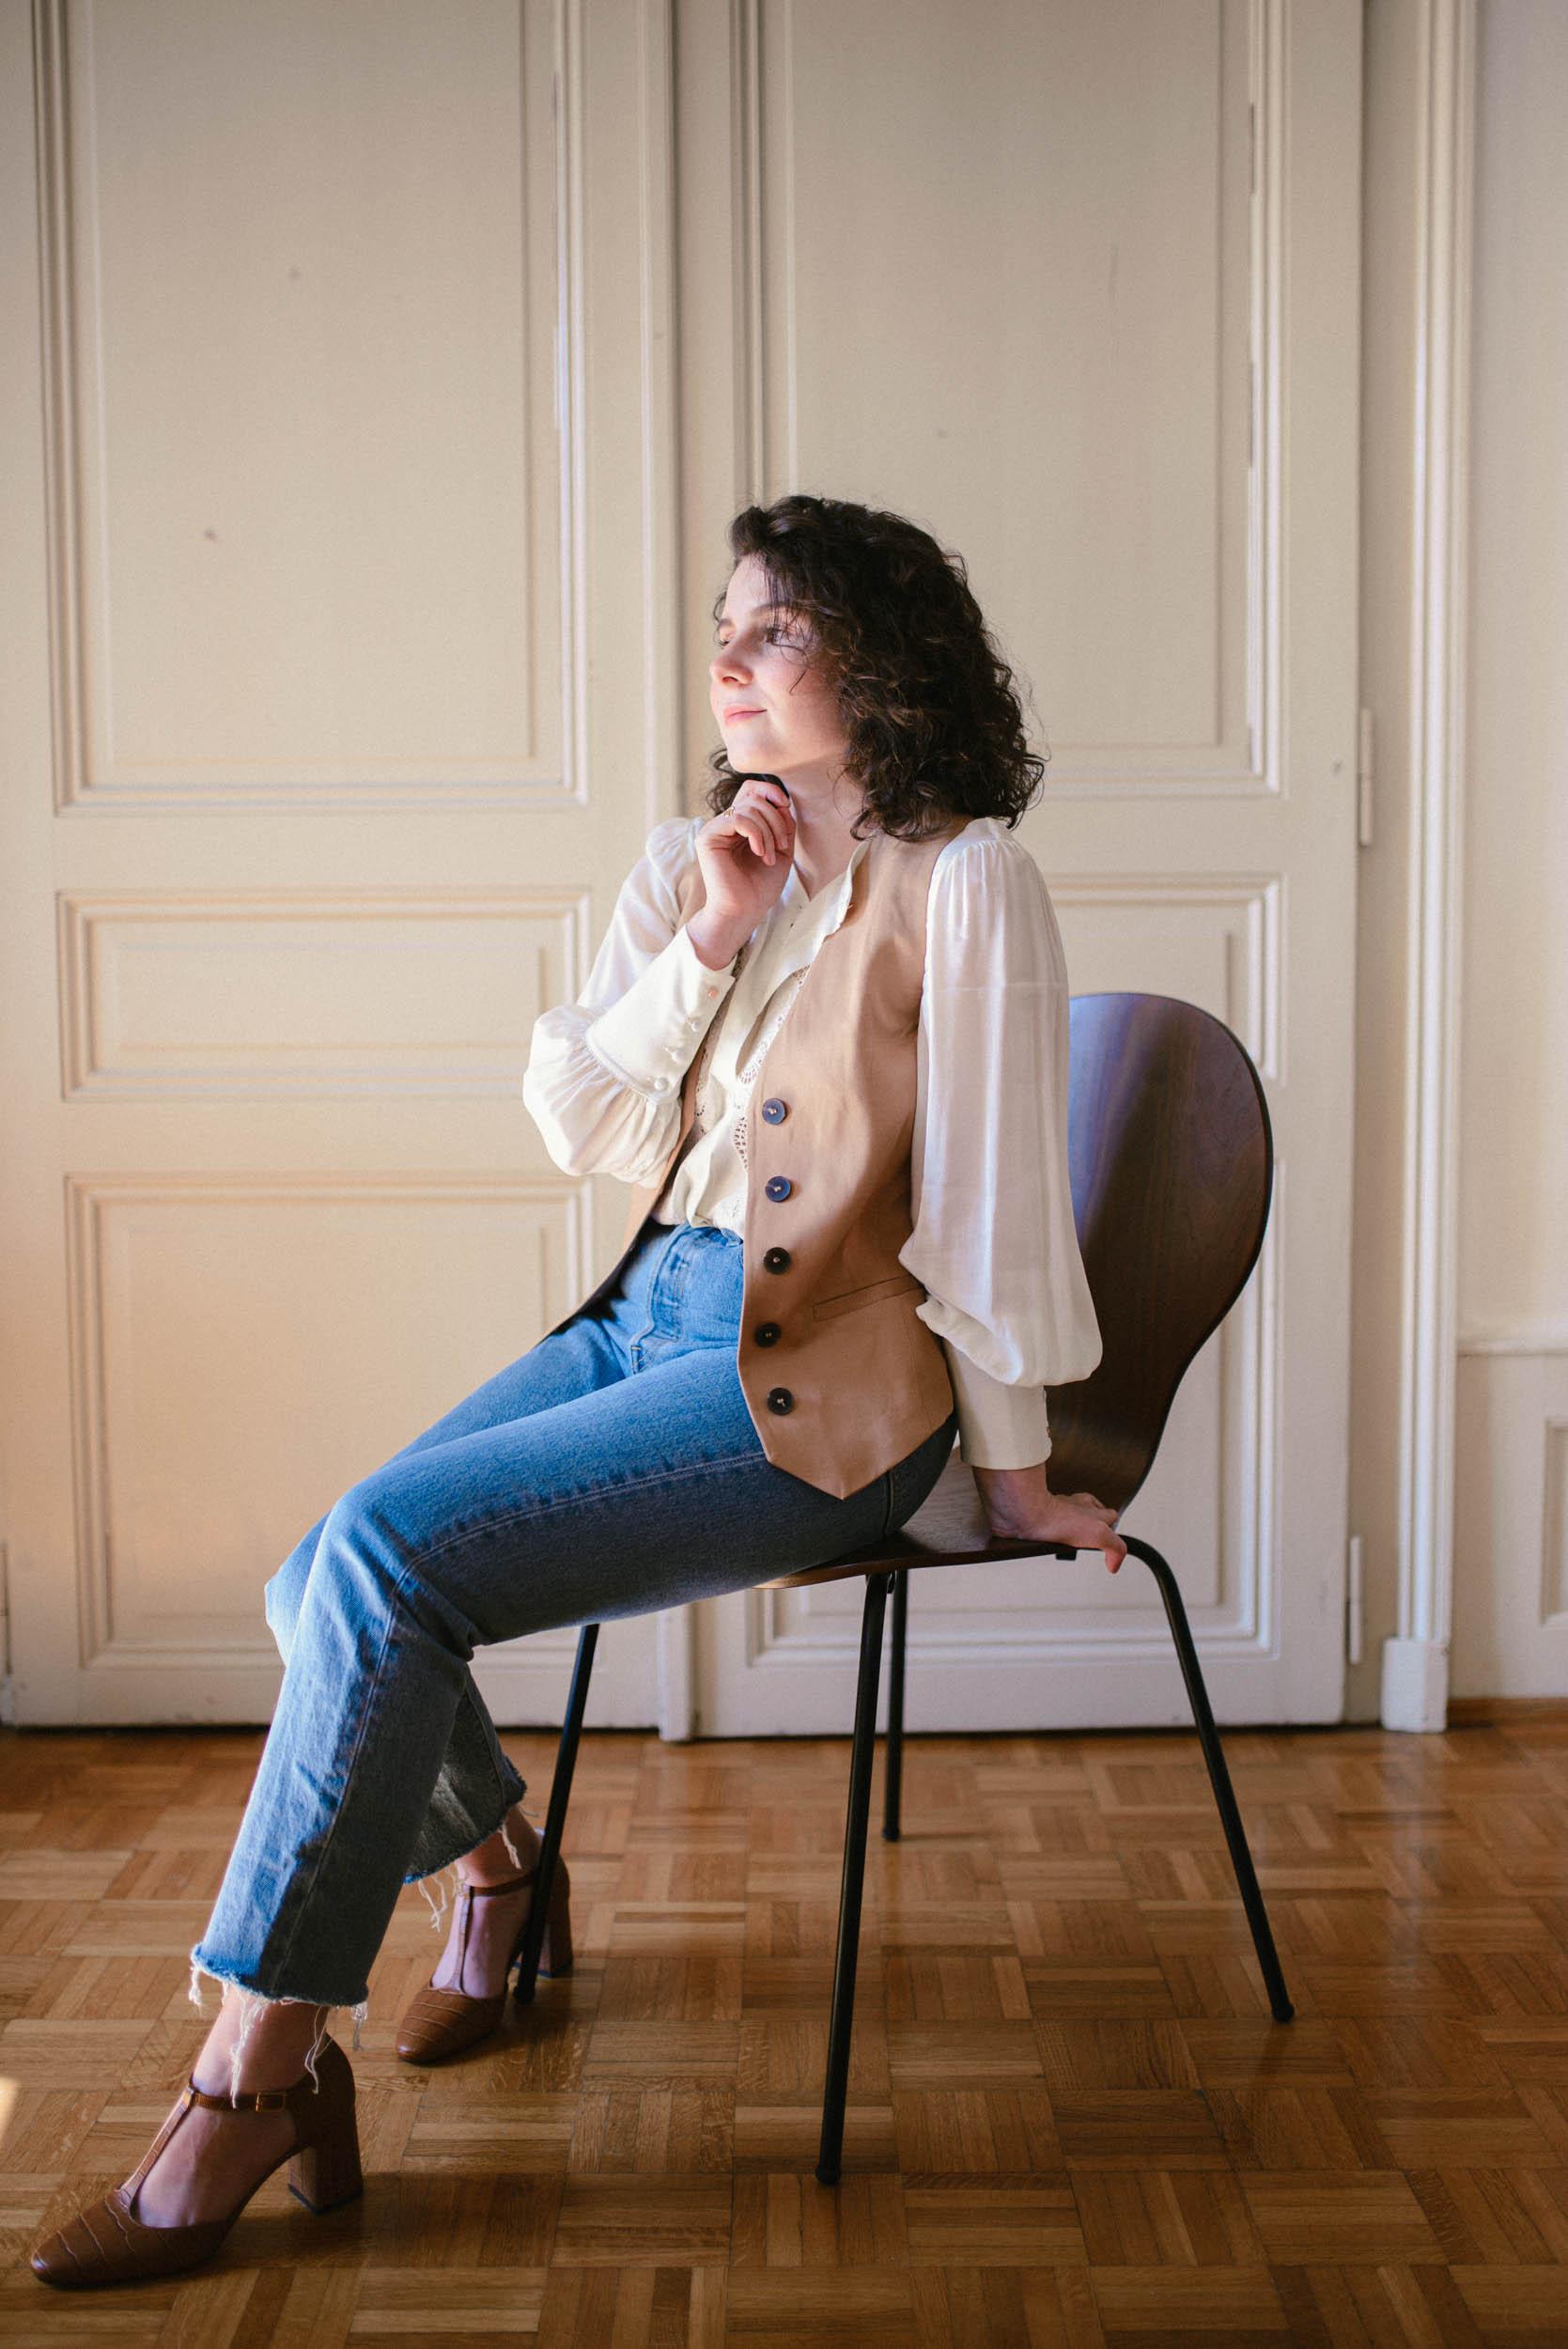 Comment porter le gilet sans manches ou en anglais le waistcoat sans ressembler à une serveuse? Je partages avec vous mes inspirations et des idées de tenues avec le veston! #style #ootd